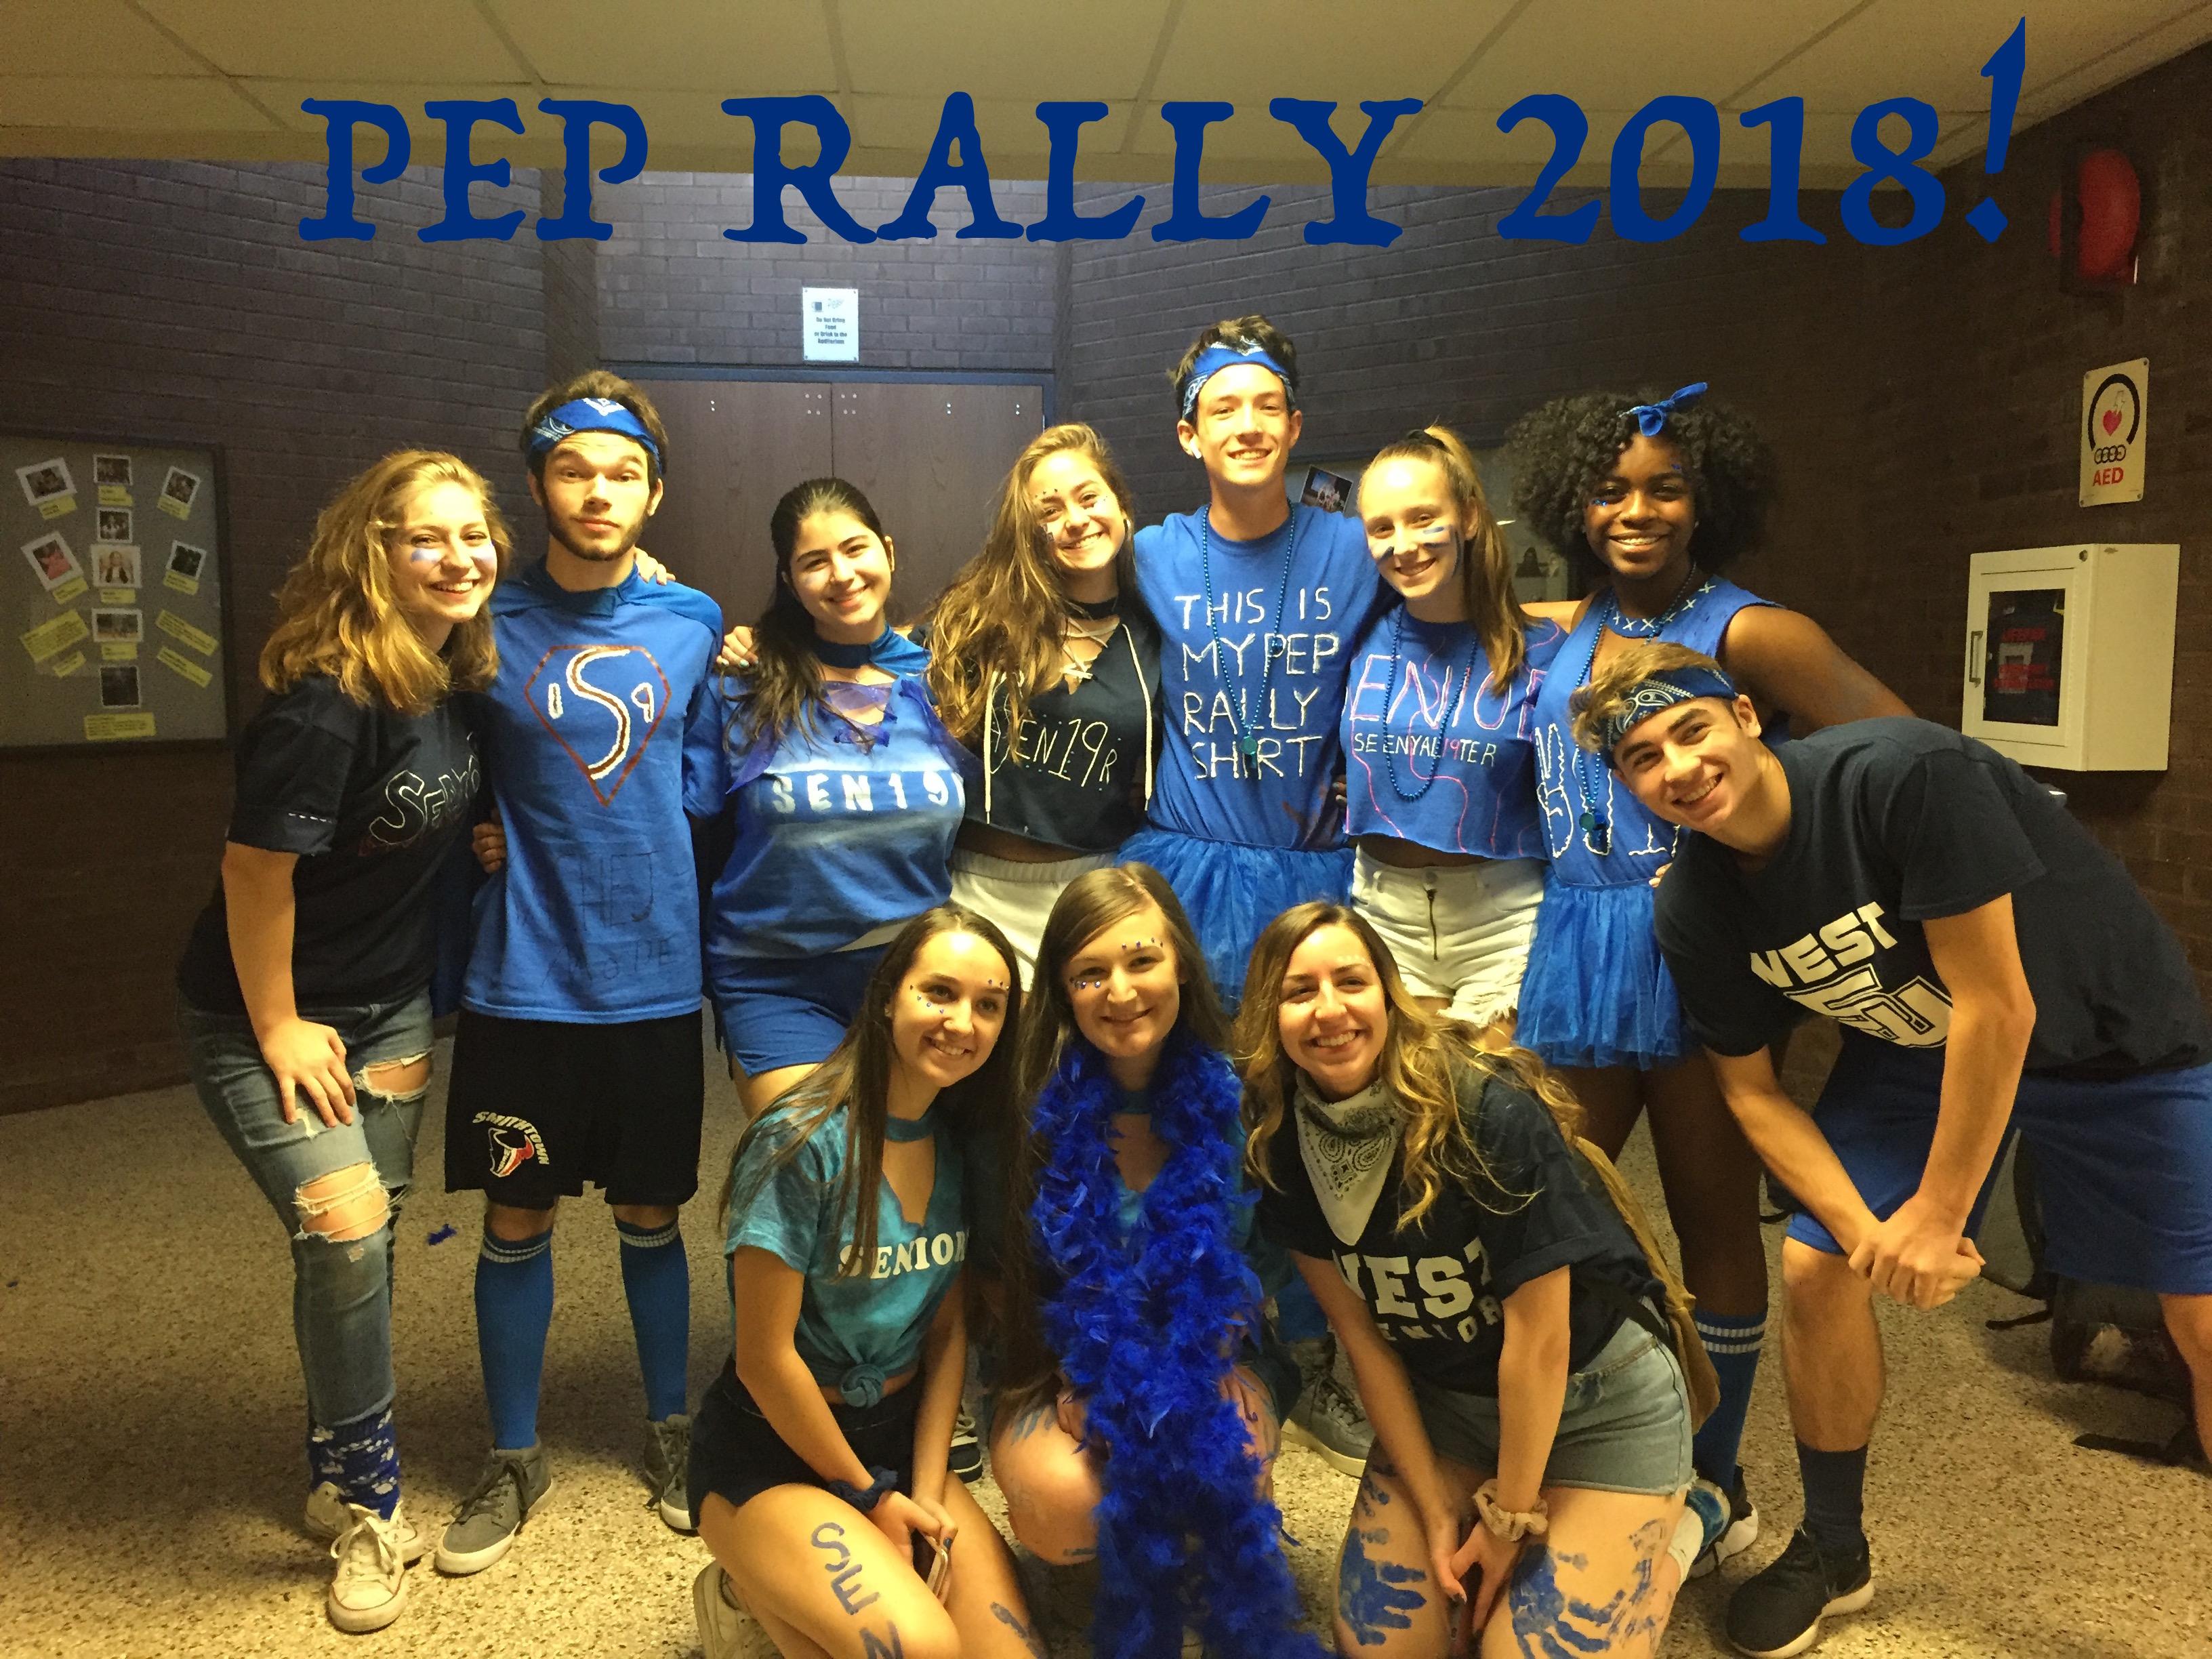 Pep Rally 2018